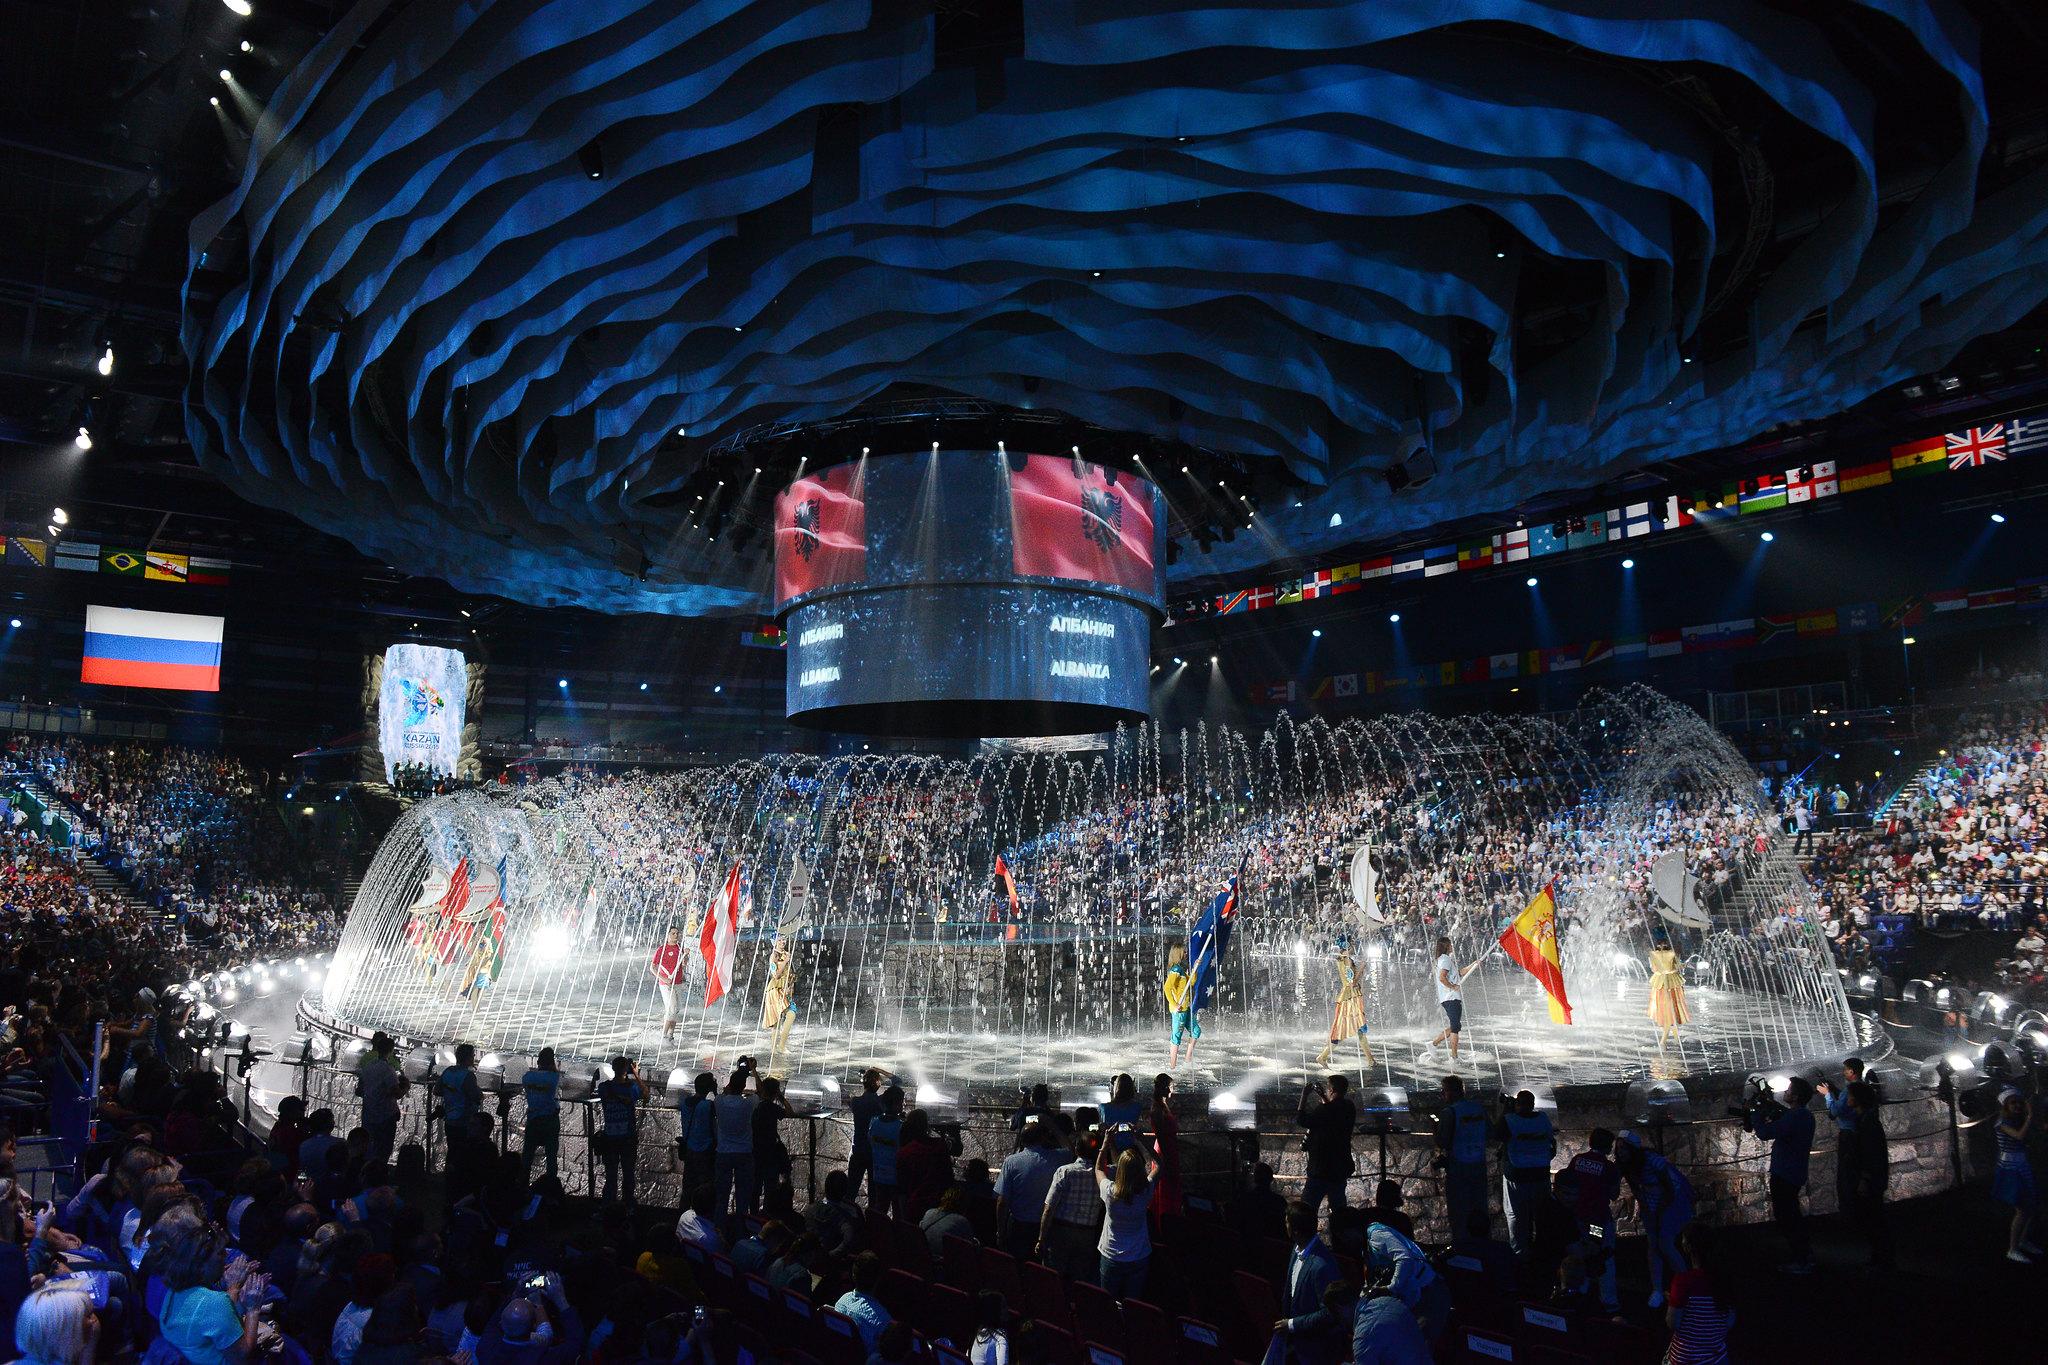 16-й чемпионат мира ФИНА по водным видам спорта 2015